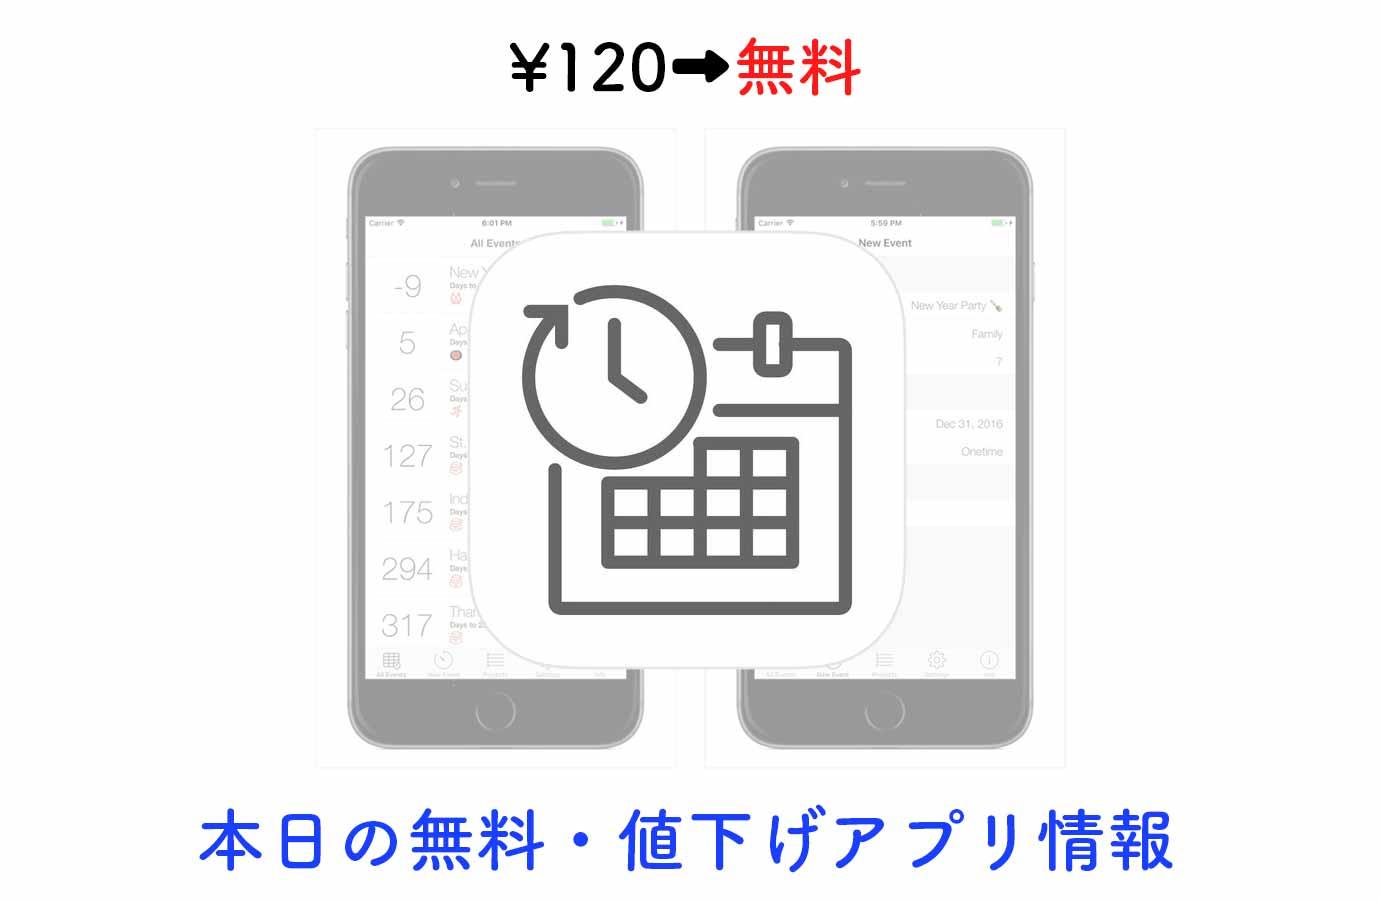 120円→無料、設定したその日までカウントダウンしてくれる「Countdown+」など【9/1】本日の無料・値下げアプリ情報